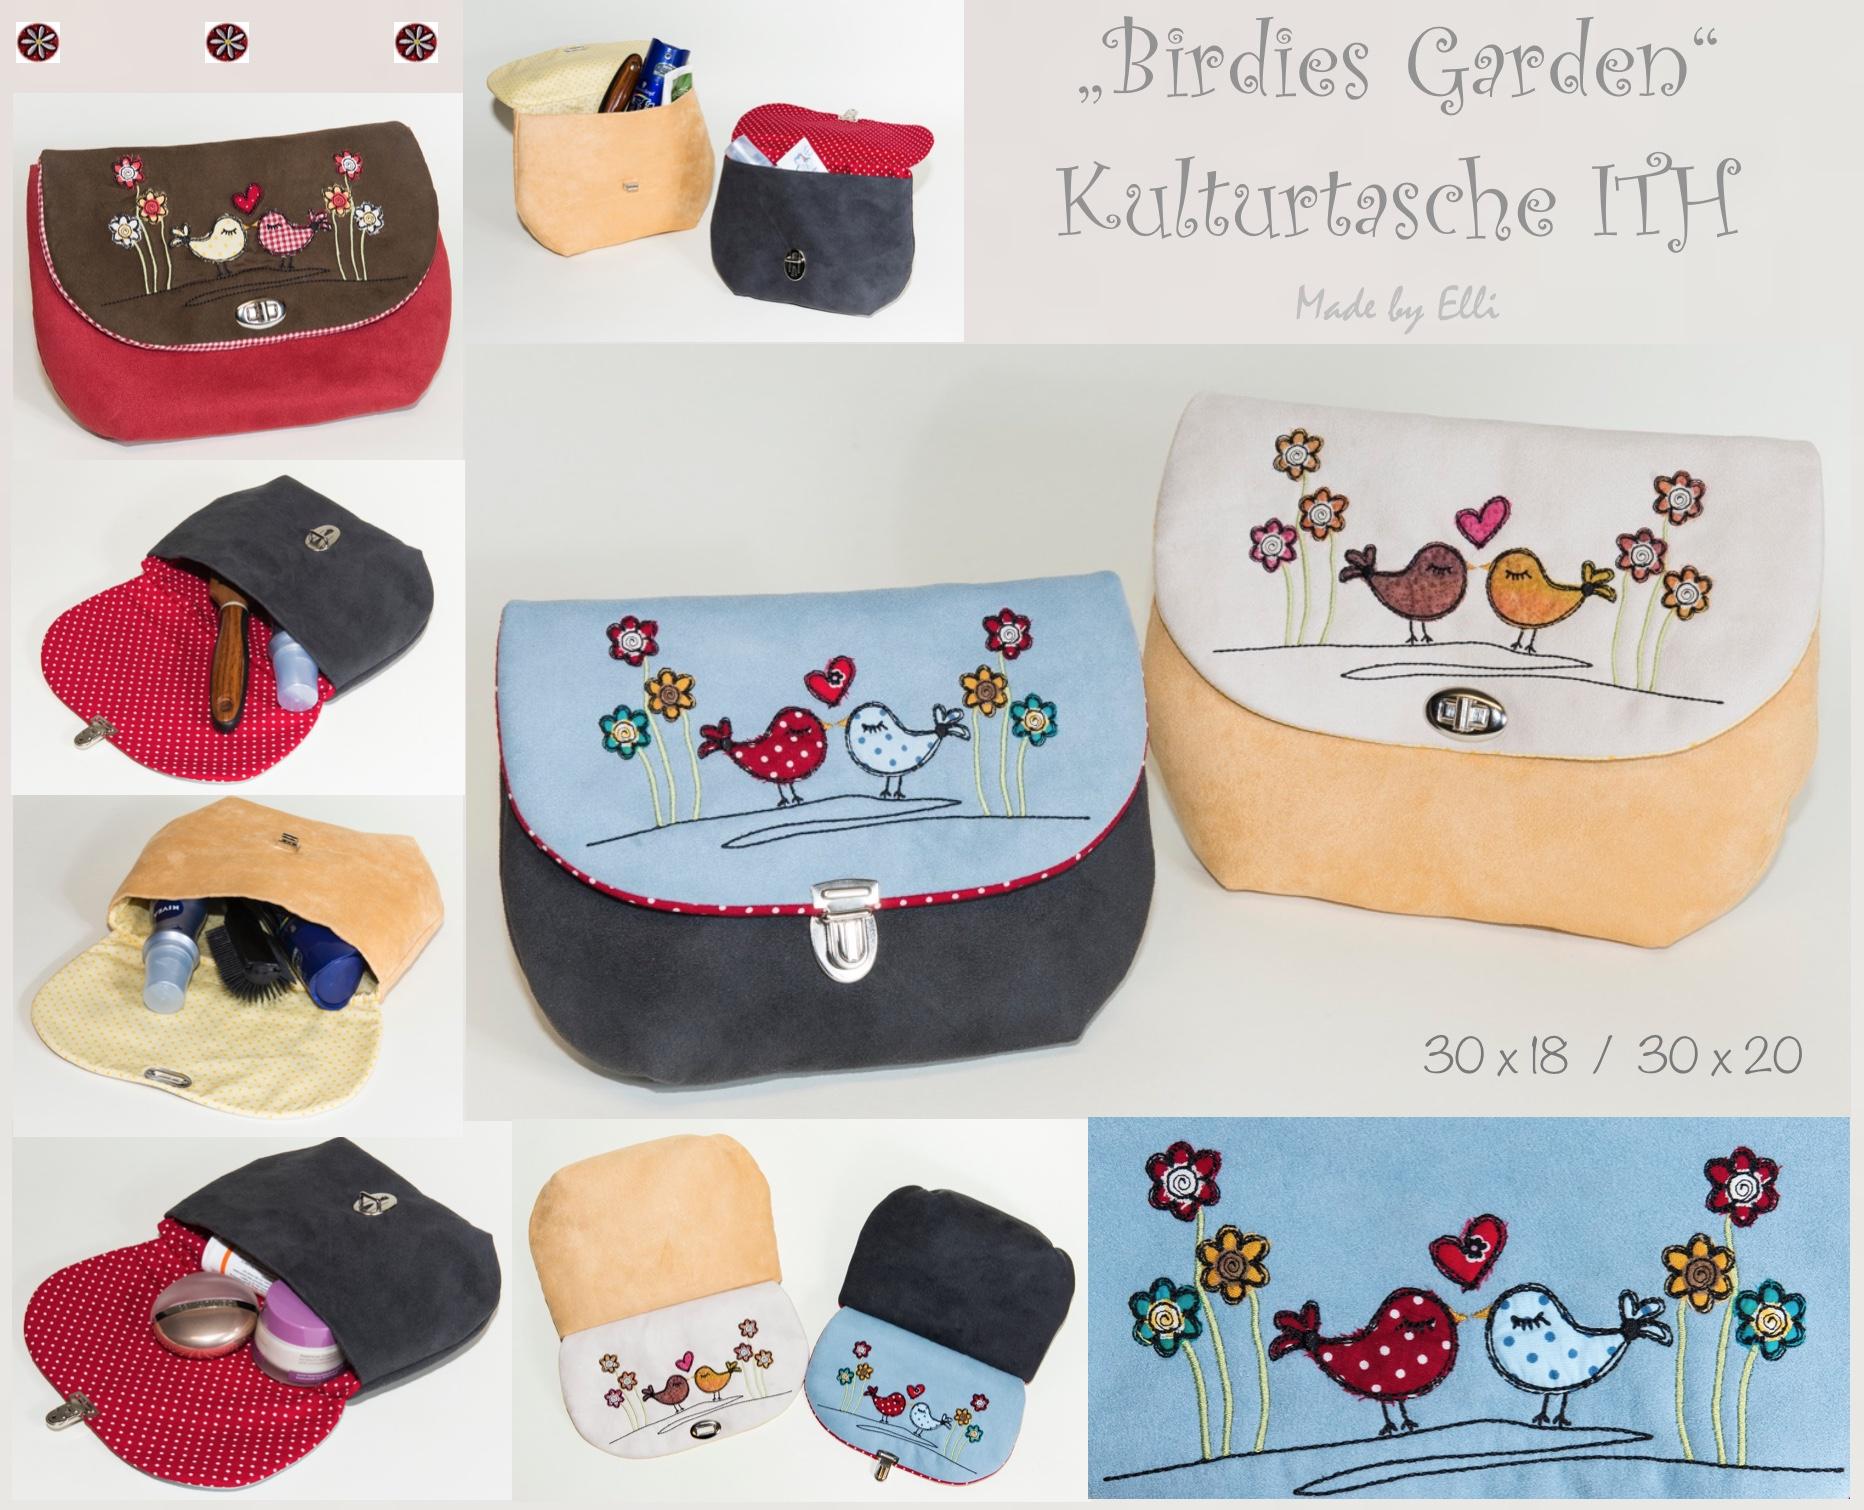 Birdies Garden Kulturtasche ITH